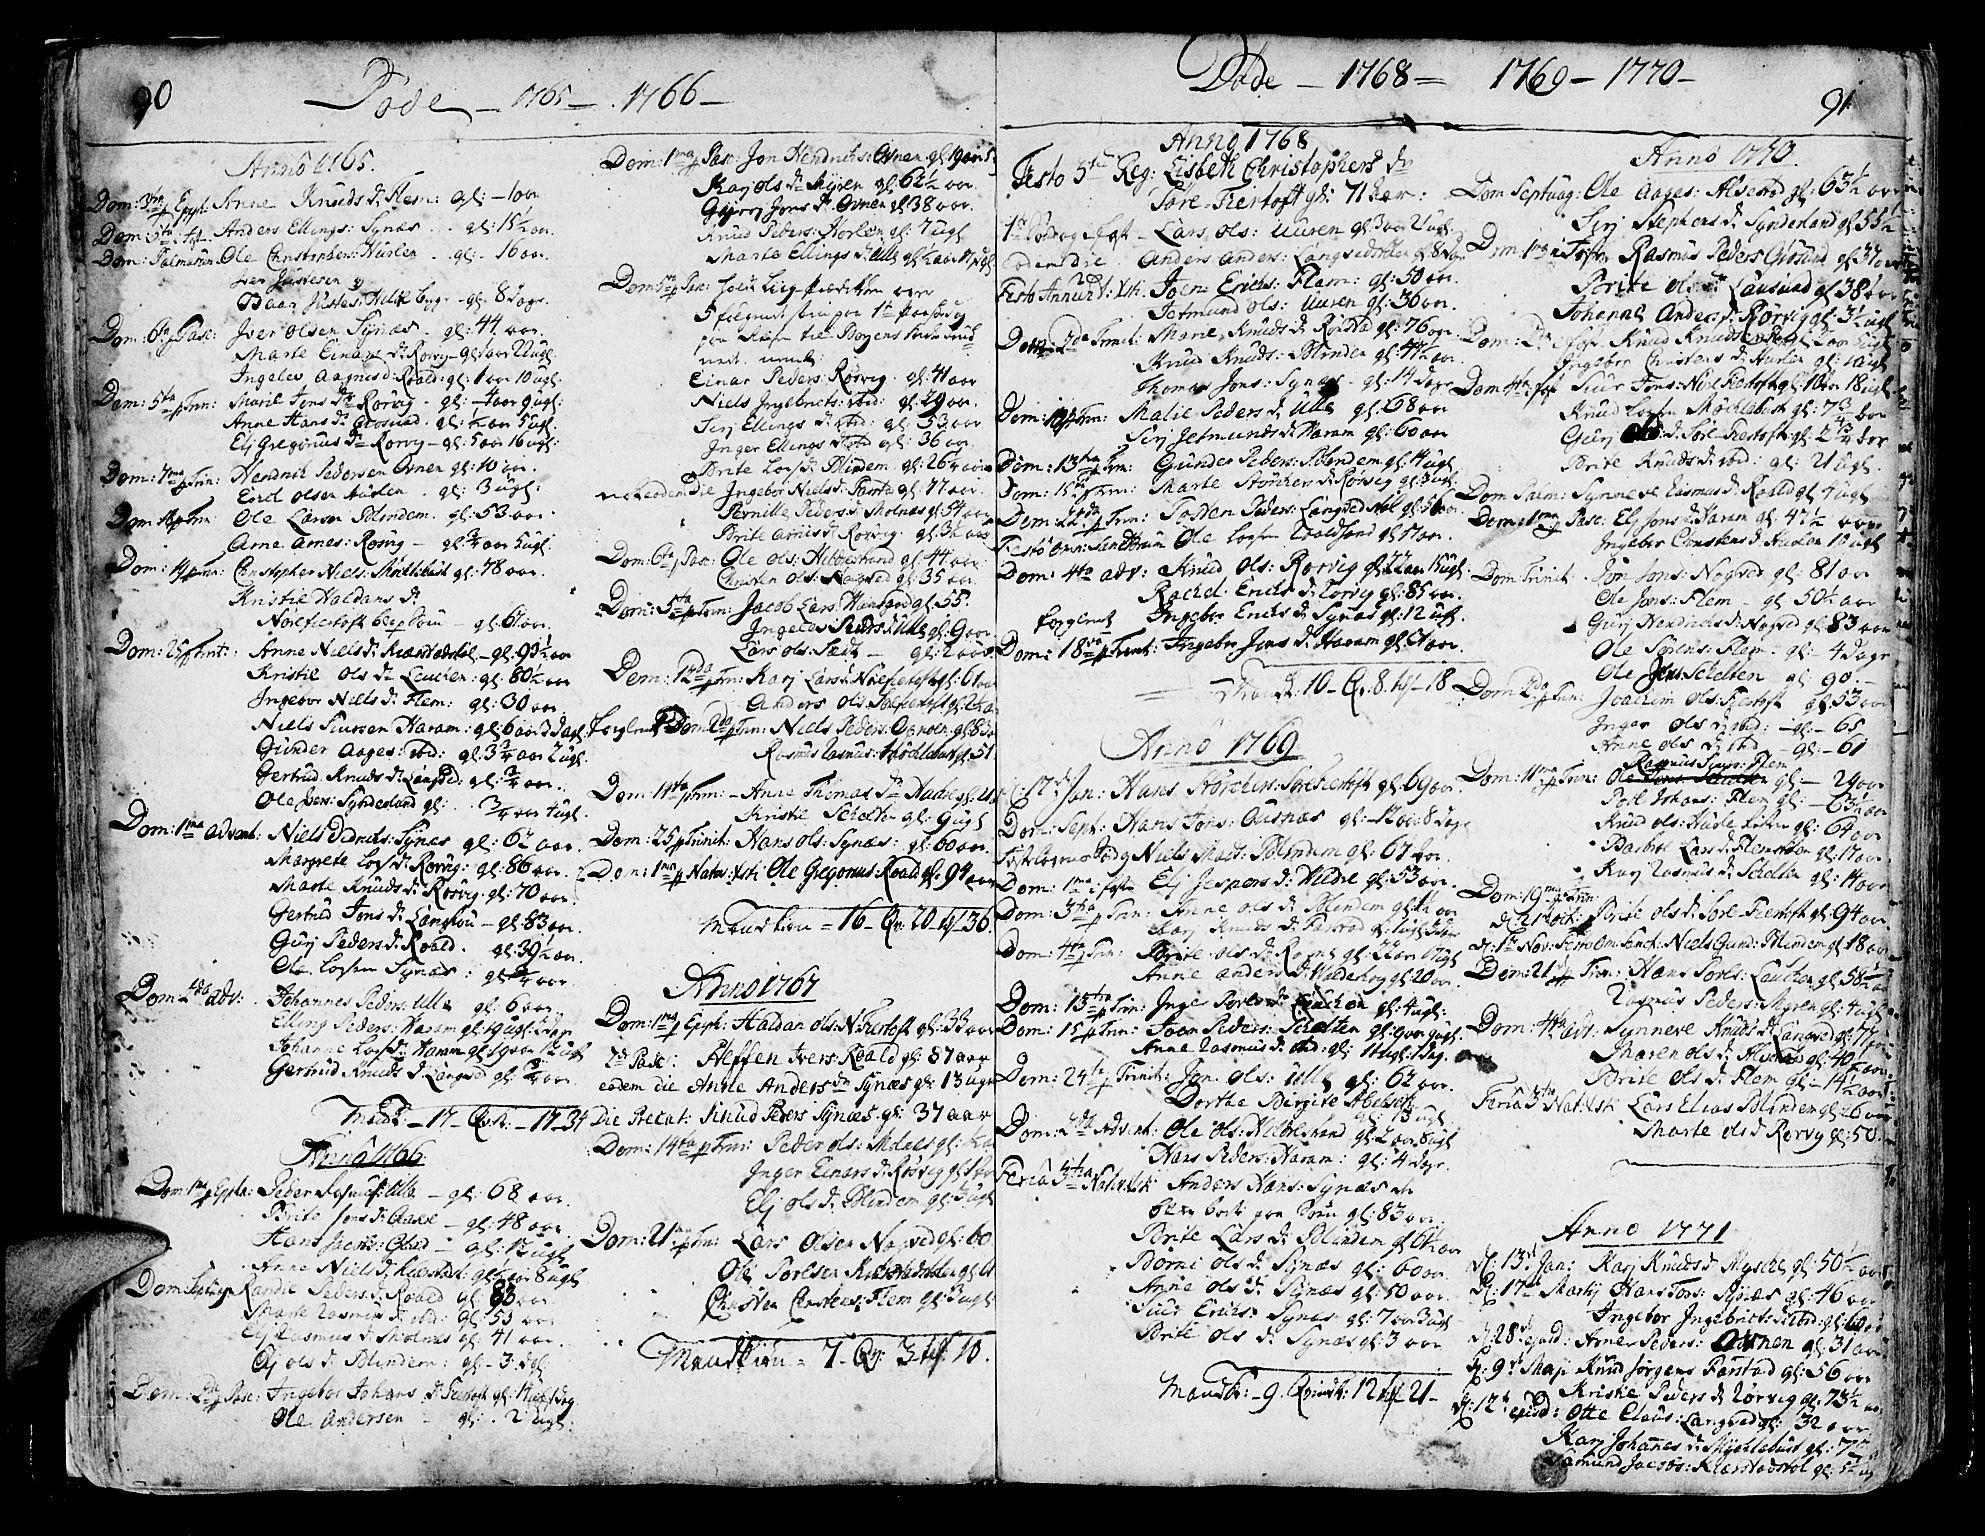 SAT, Ministerialprotokoller, klokkerbøker og fødselsregistre - Møre og Romsdal, 536/L0493: Ministerialbok nr. 536A02, 1739-1802, s. 90-91